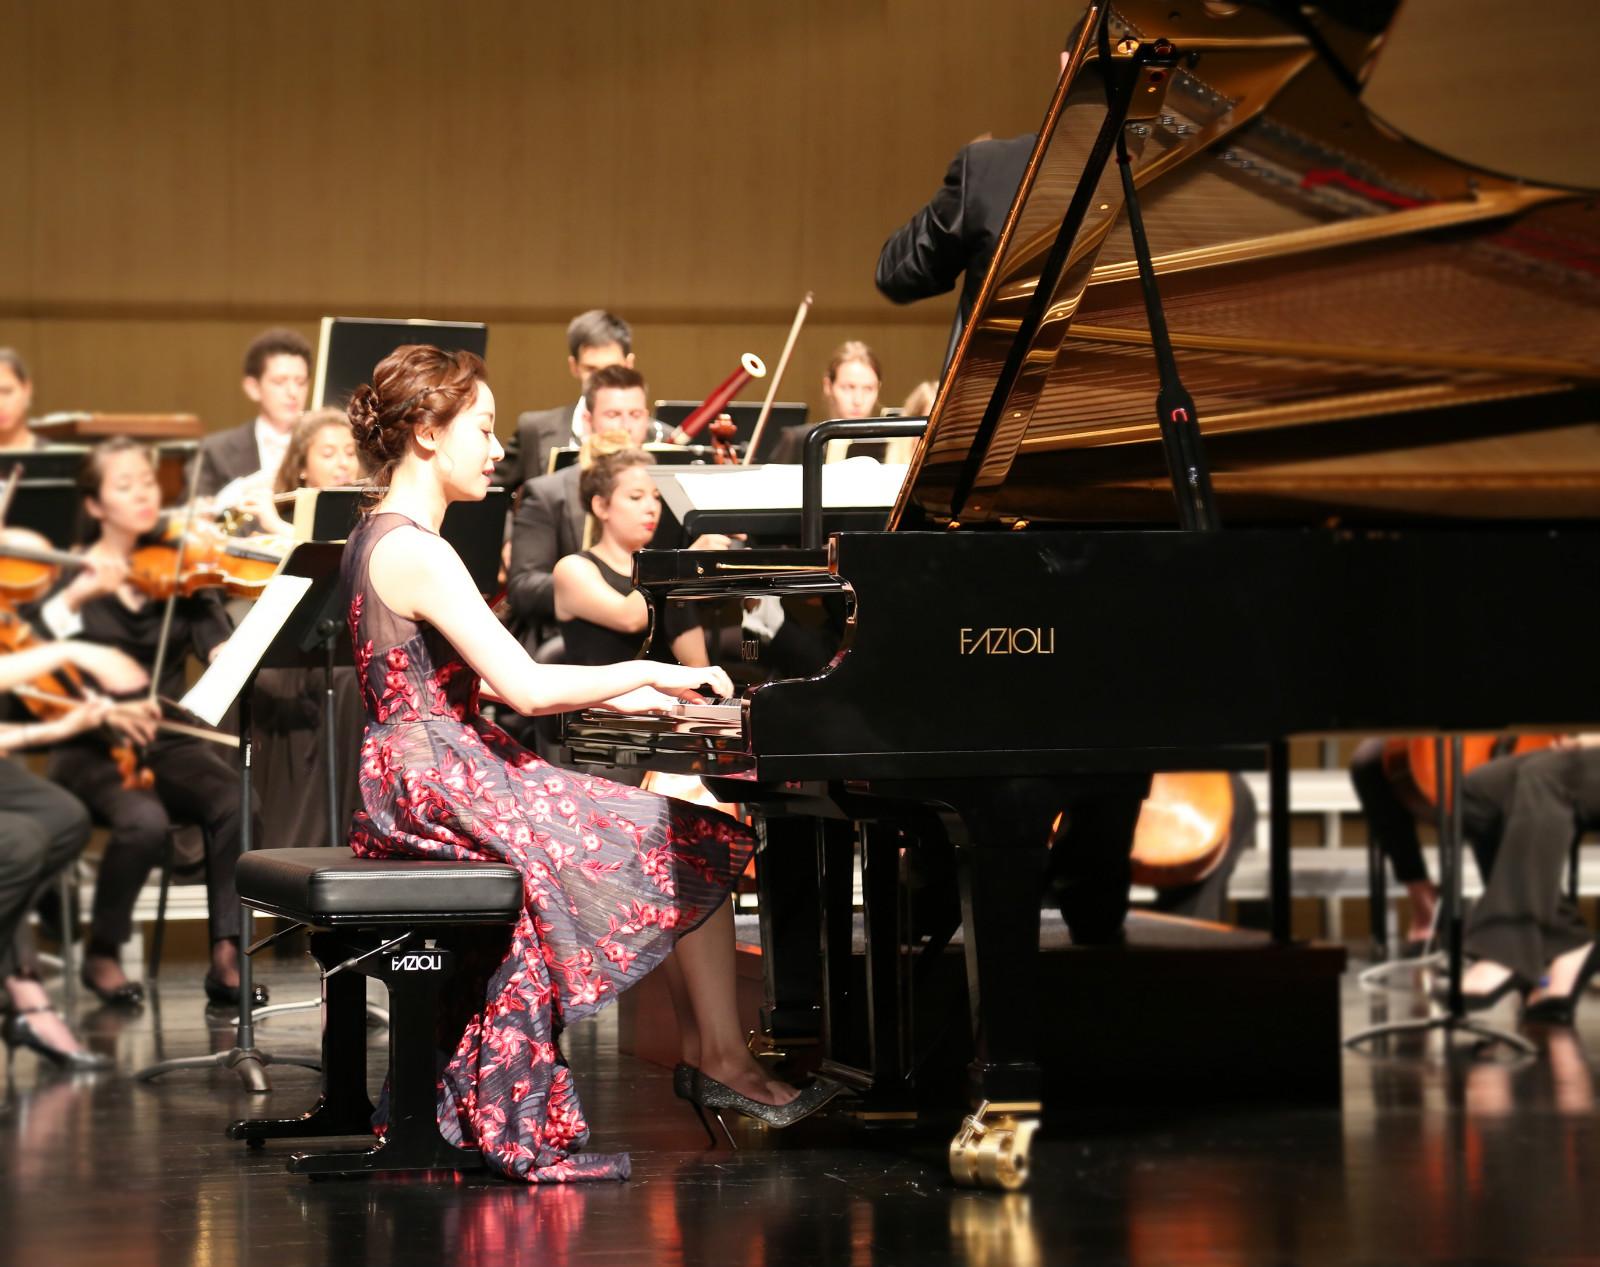 钢琴女神印芝音乐会巡演接近尾声